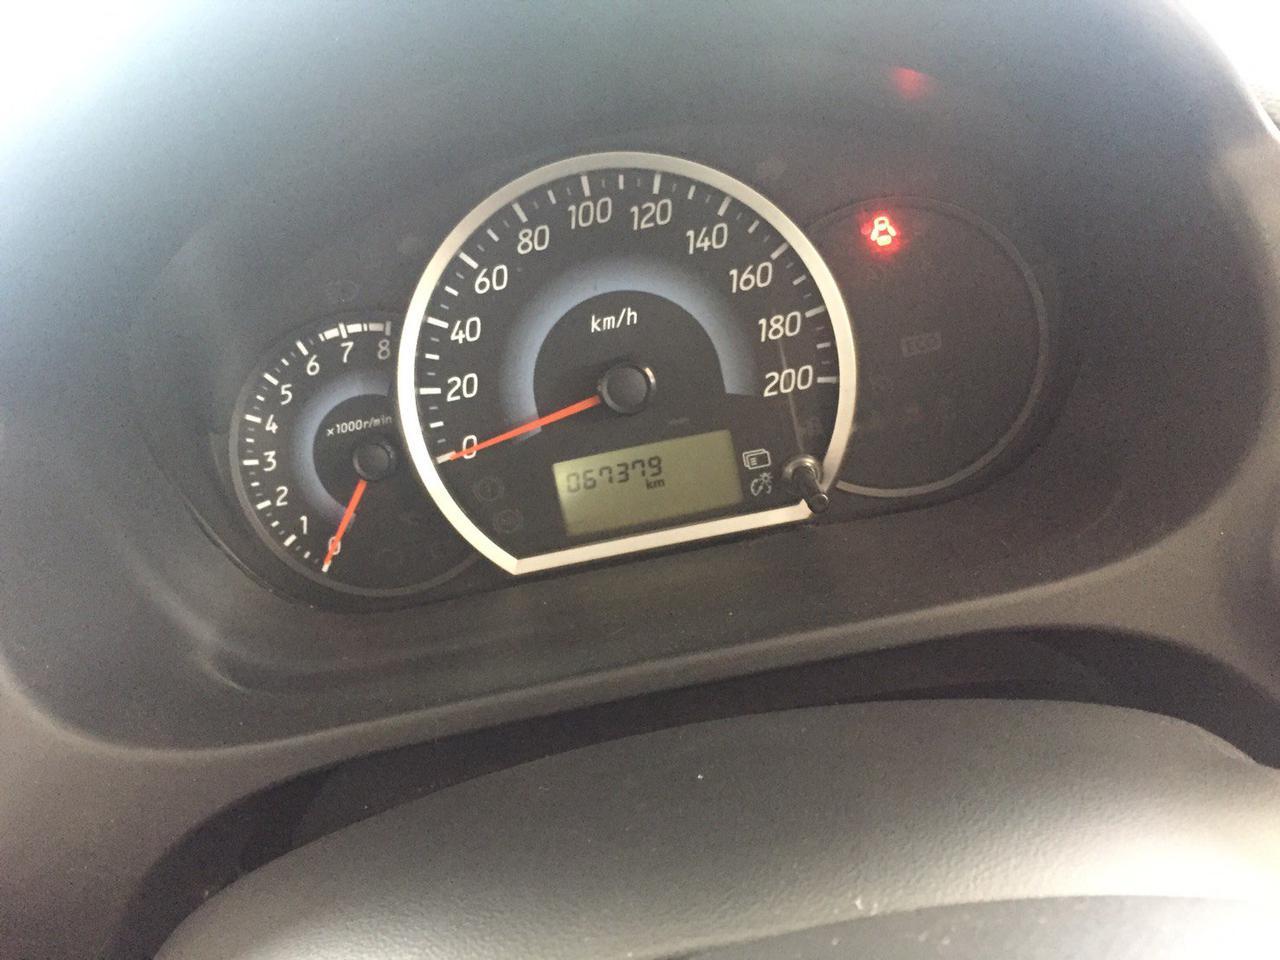 ขายรถรถเก๋ง Mitsubishi Attrage 1.2 GLS Auto จังหวัดอุบลราชธานี รูปที่ 5